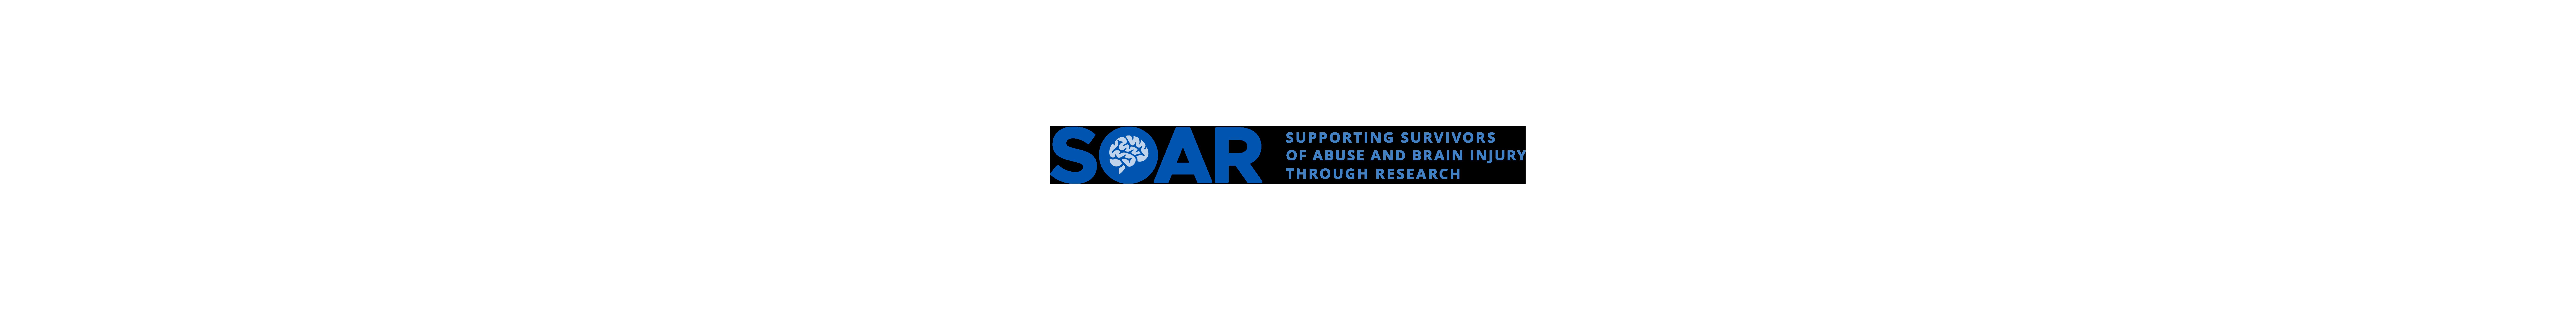 SOAR-logo2